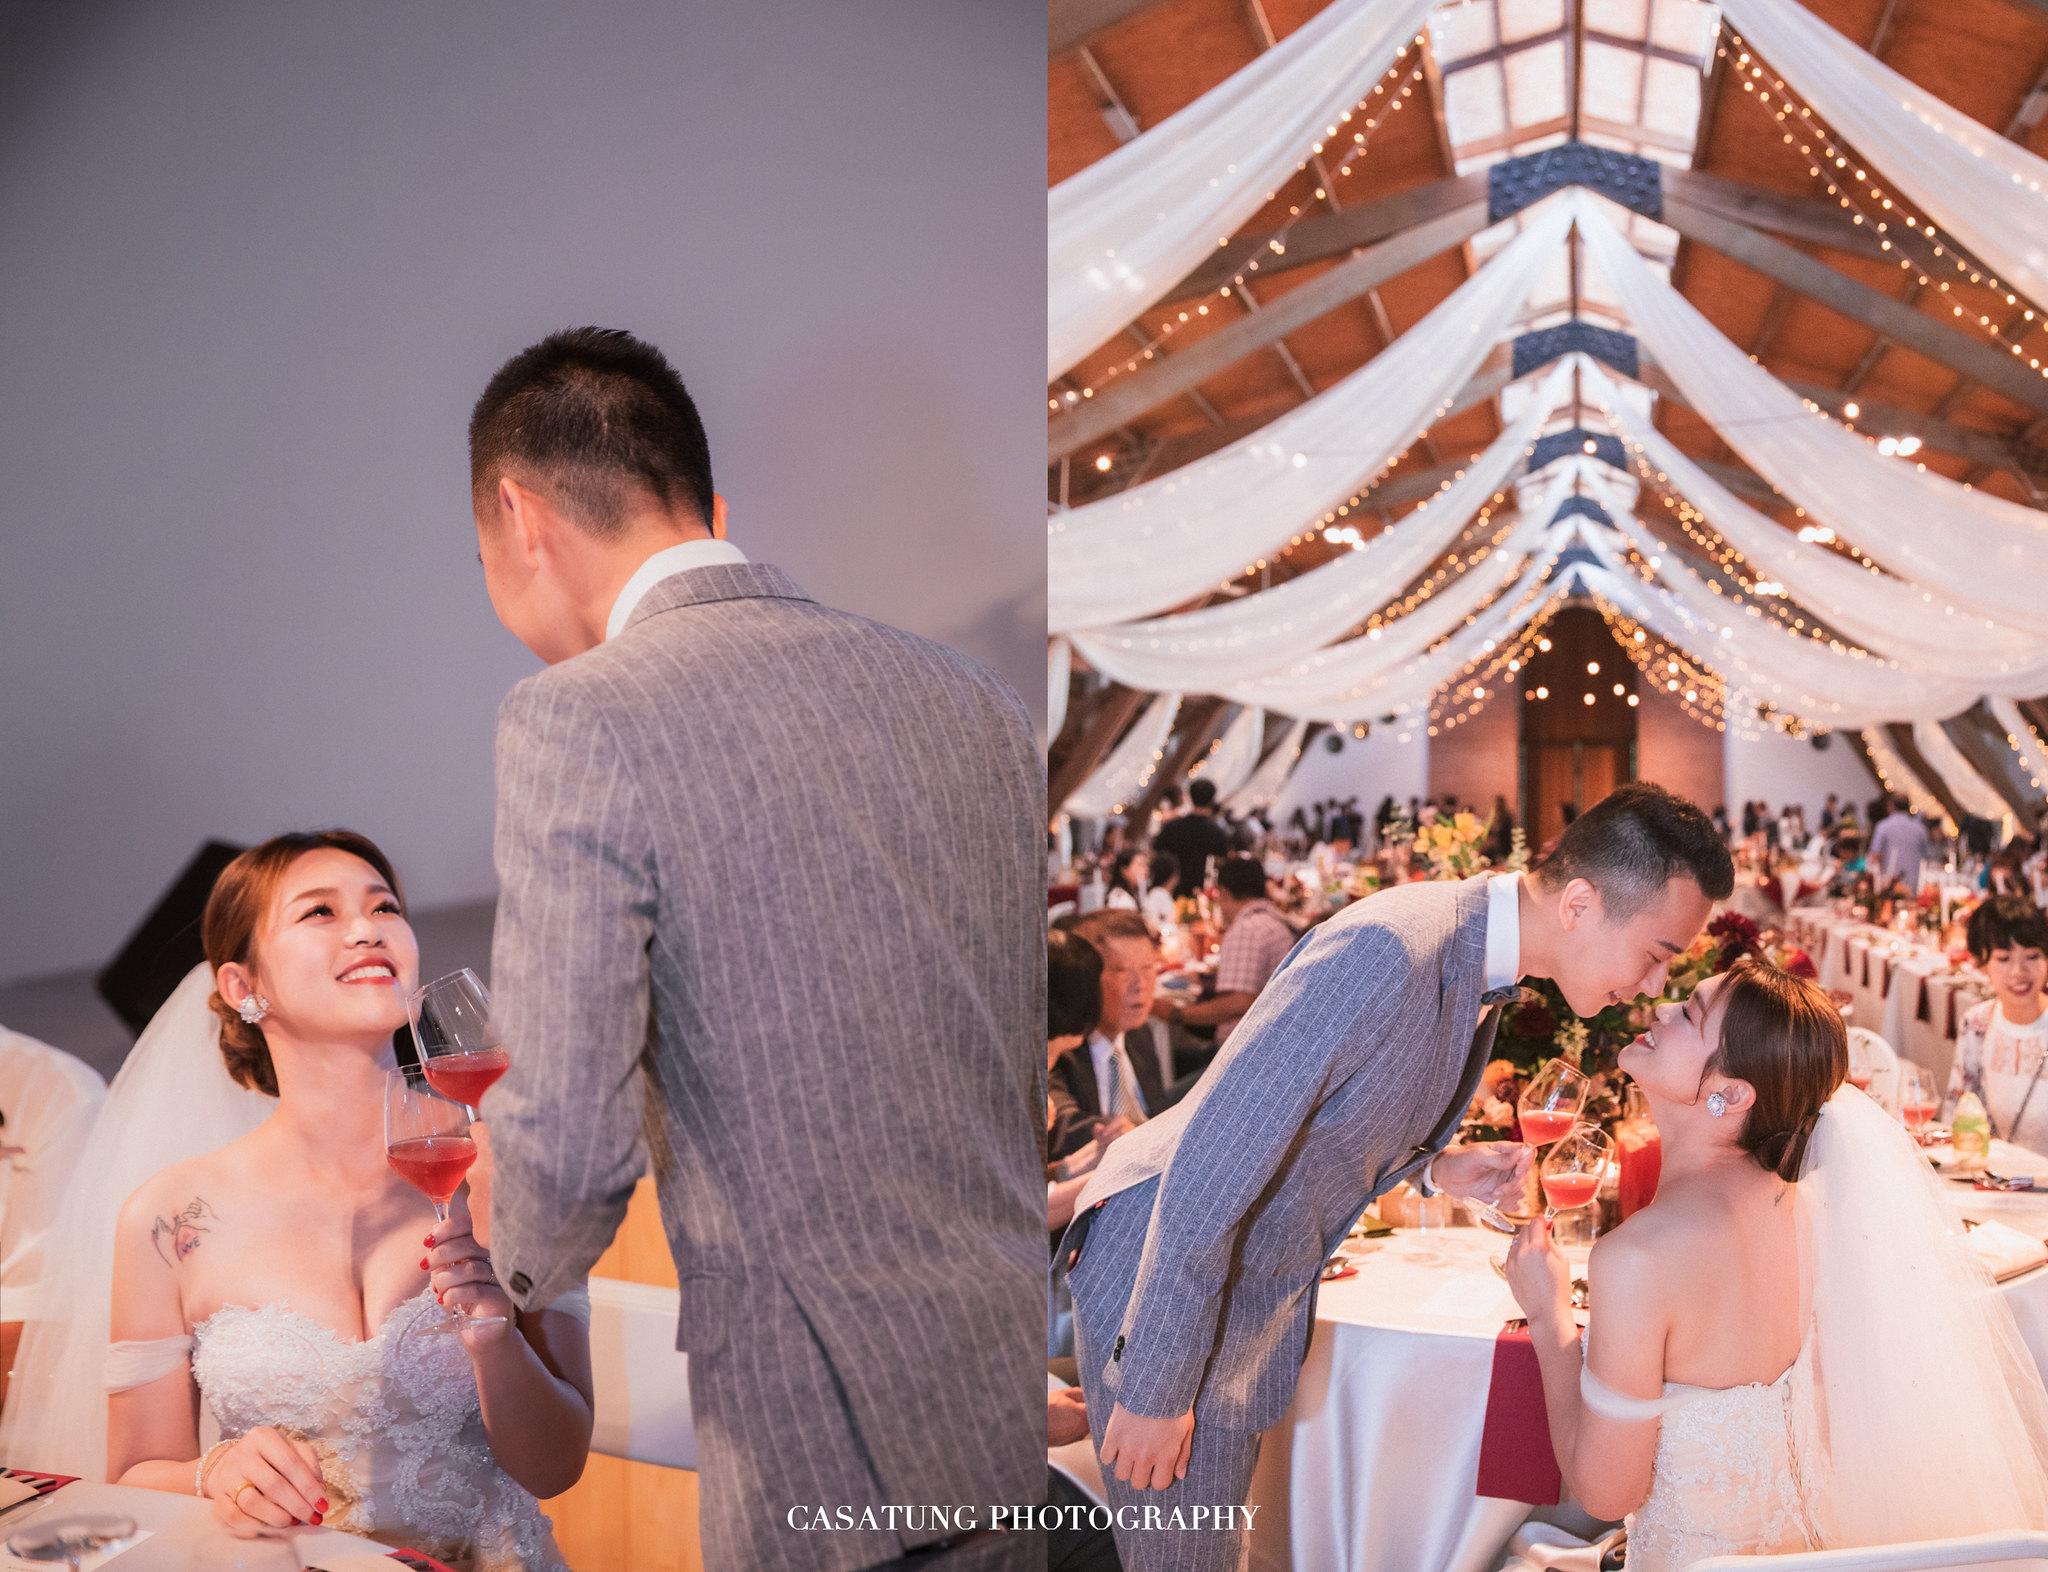 顏氏牧場婚禮,台中婚攝casa,旋轉木馬-107